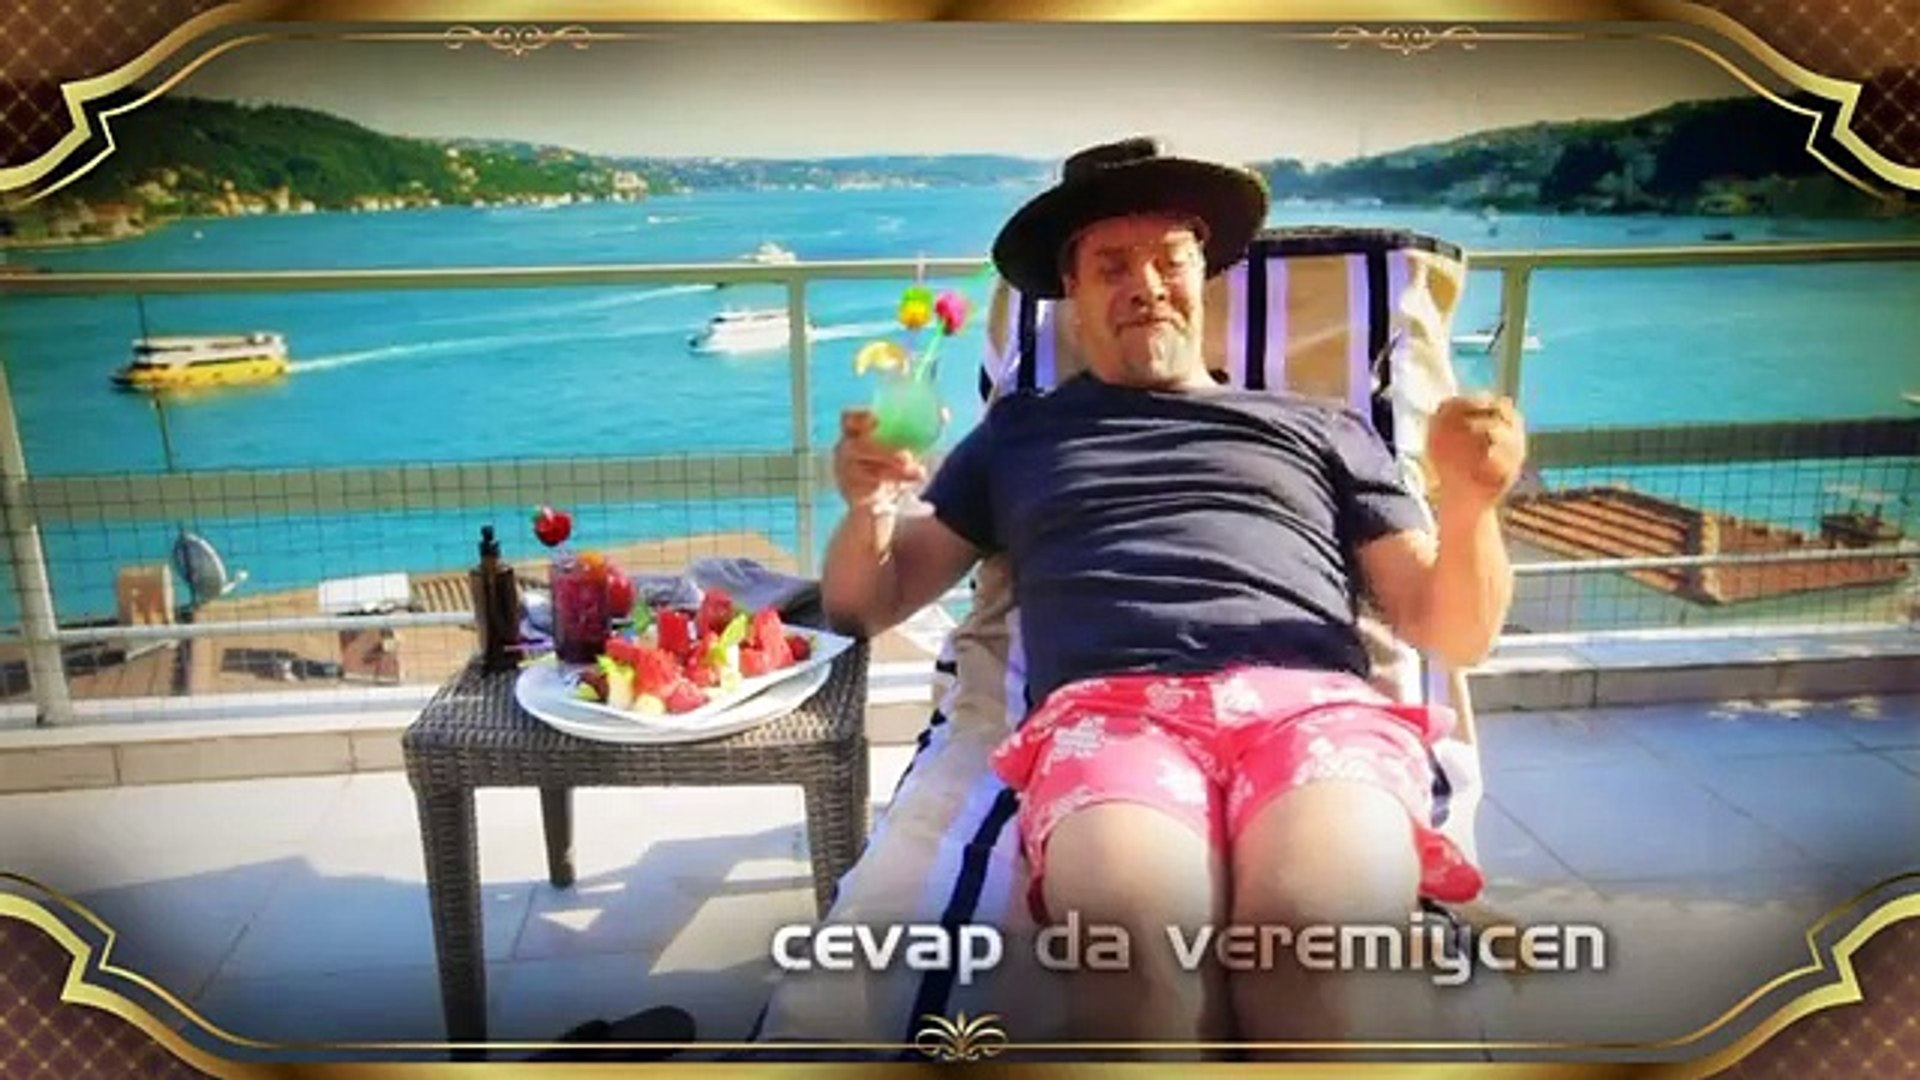 Beyaz Show - Beyazdan Candan Erçetine Sezon Finali Cevabı 05062015